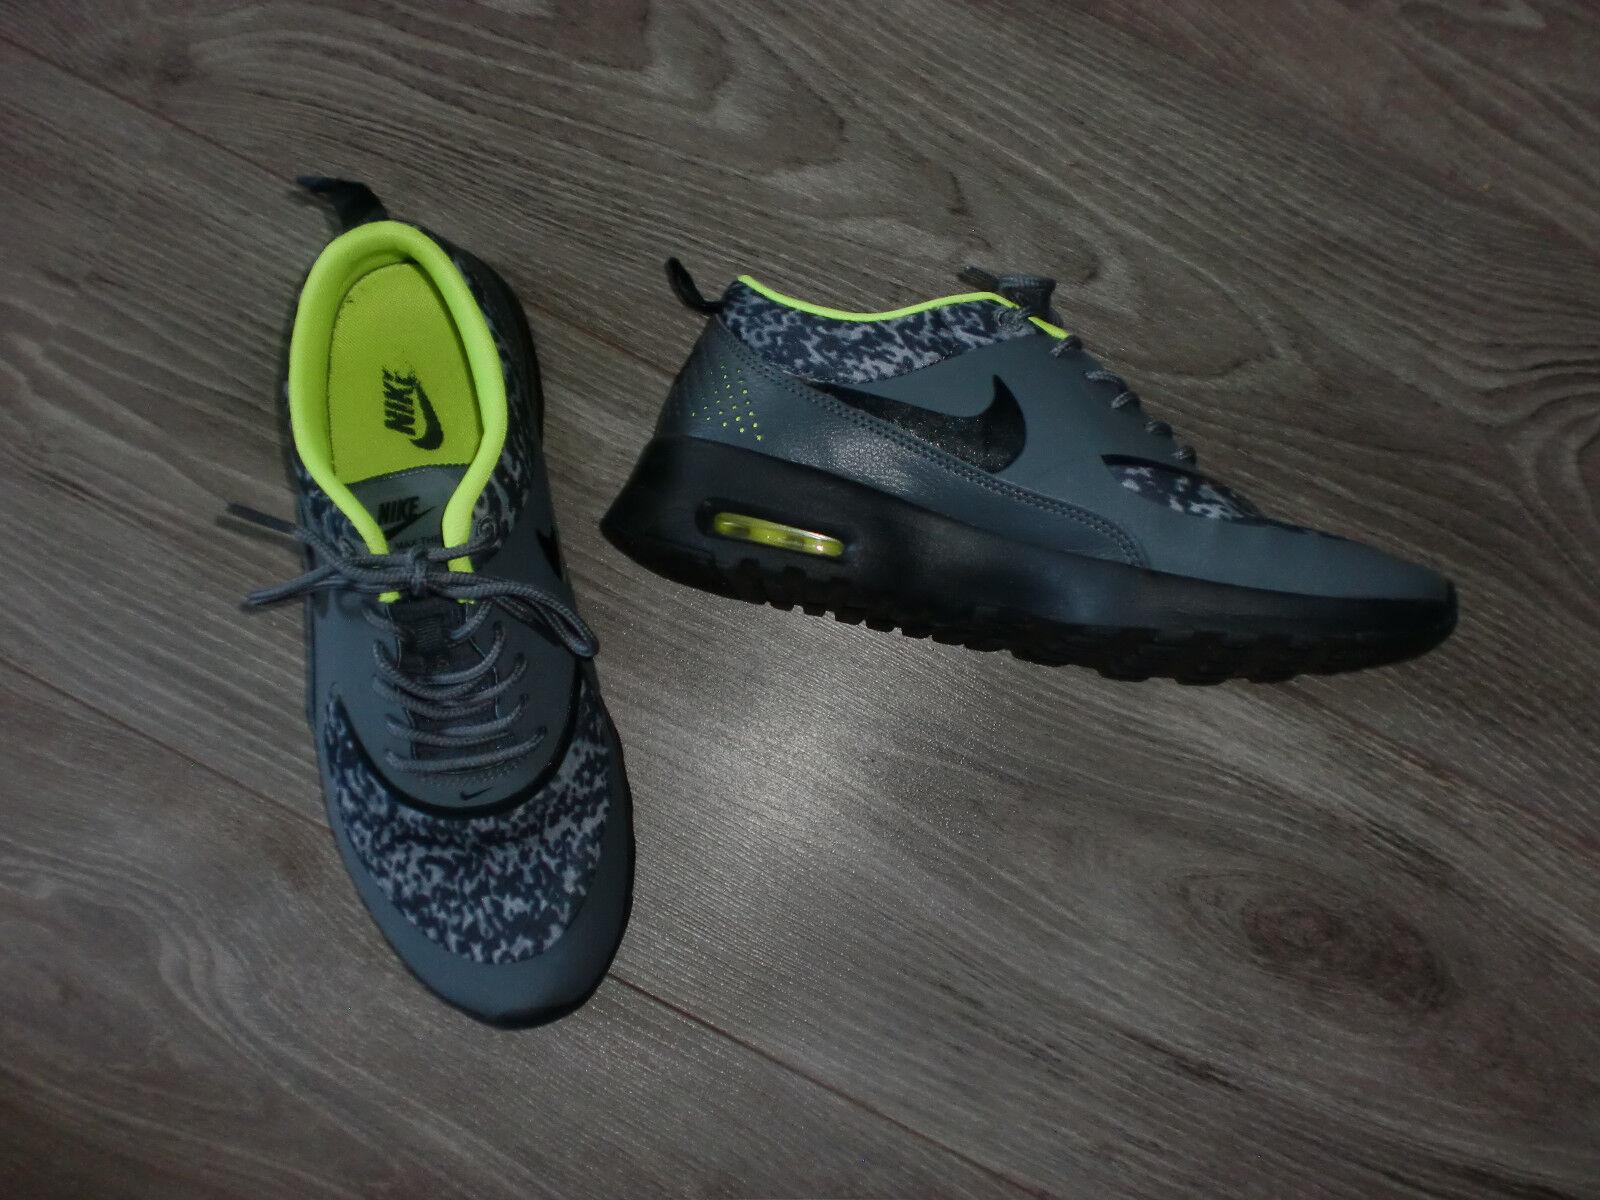 NIKE - AIR MAX THEA - Sneaker in Gr.: 38,5 - Grau Leo/Neongrün - Neuwertig